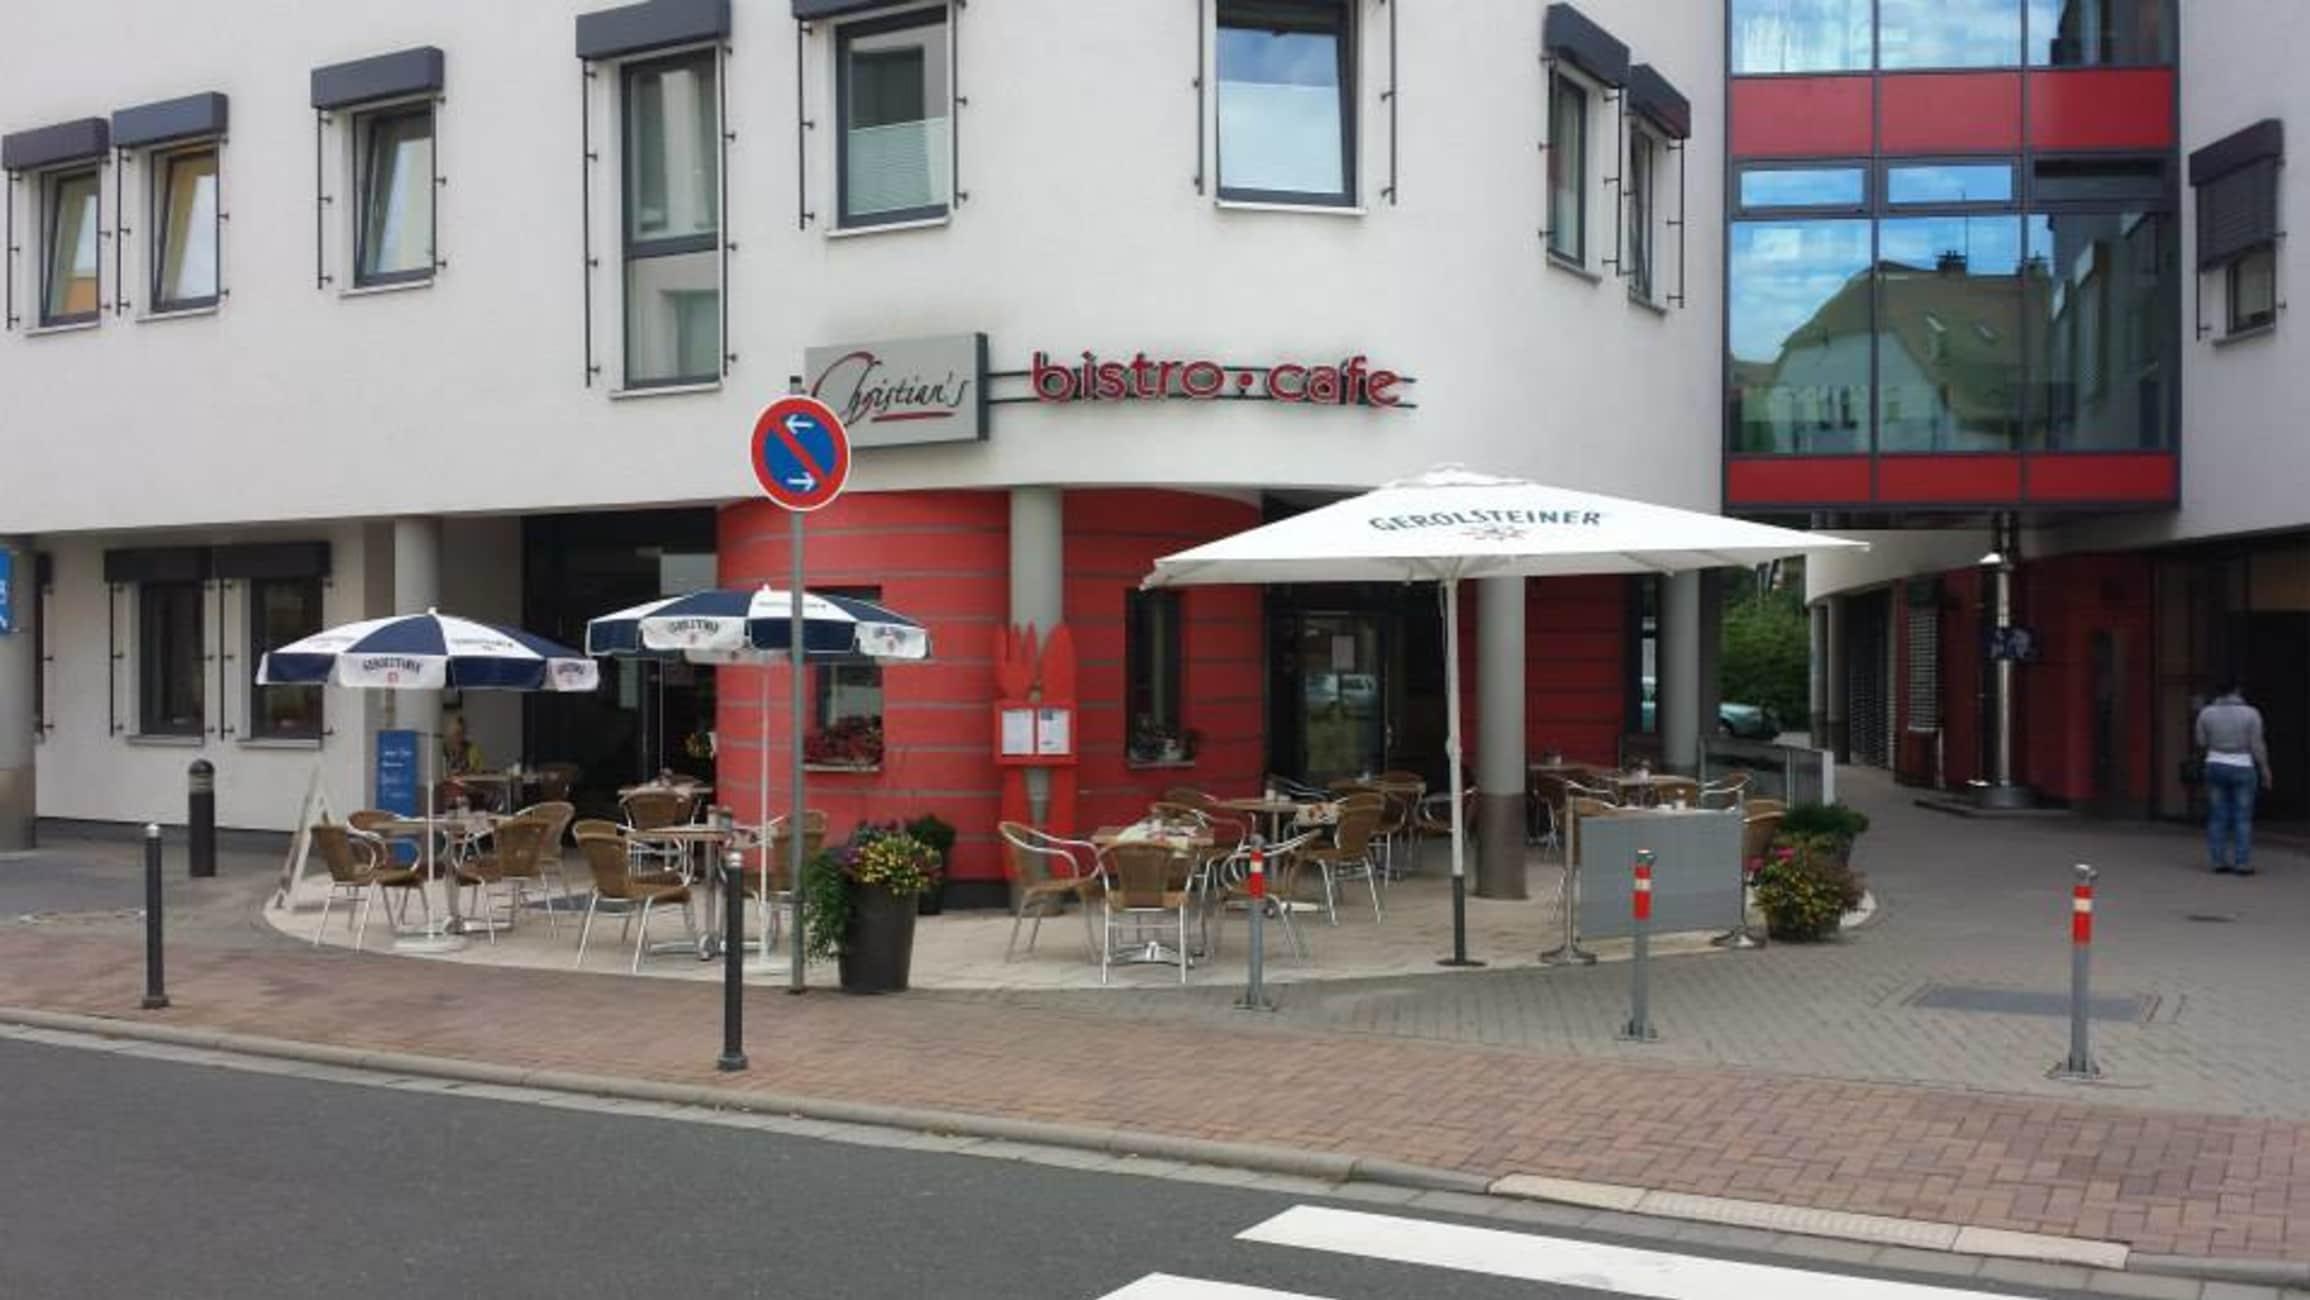 Bistro & Café